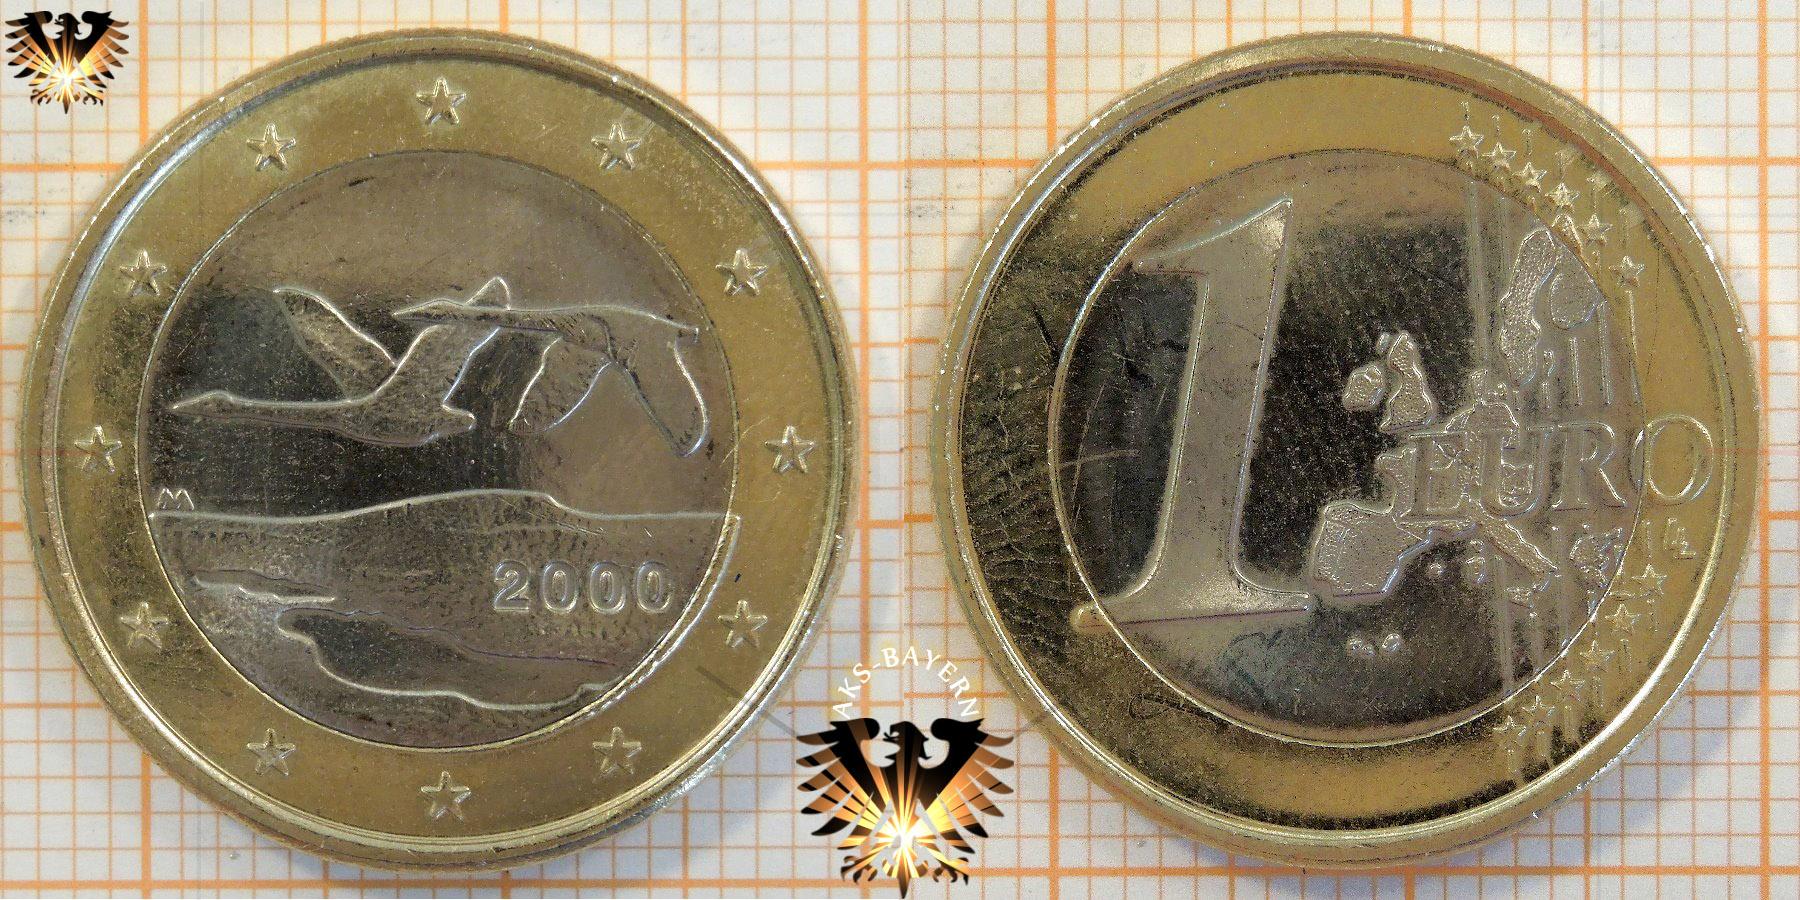 2000 Euro 2 Euro Münzen Wert Hindu Tube